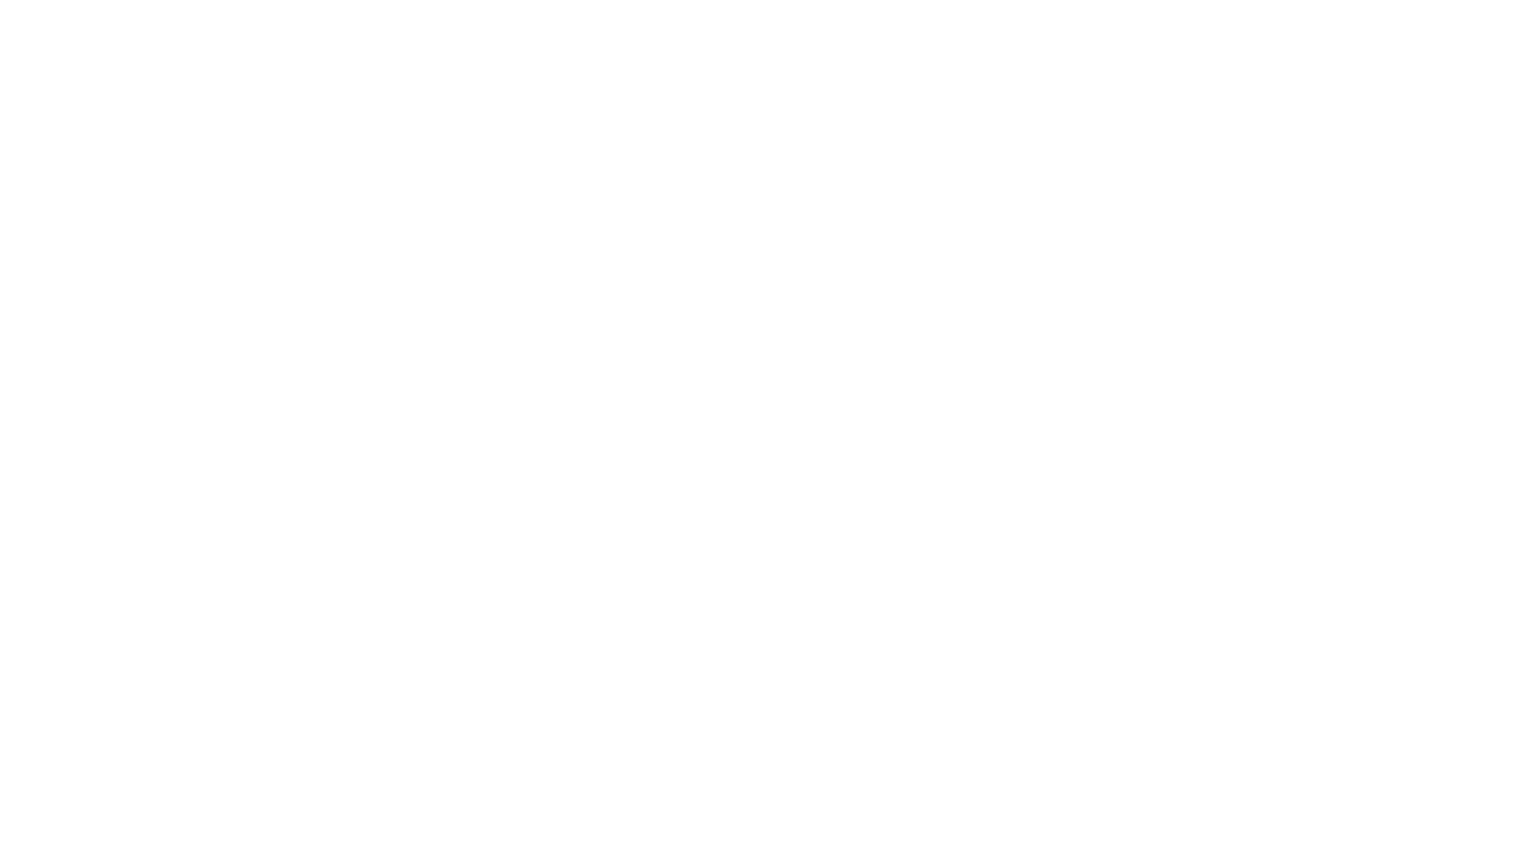 Rise_logomark_White